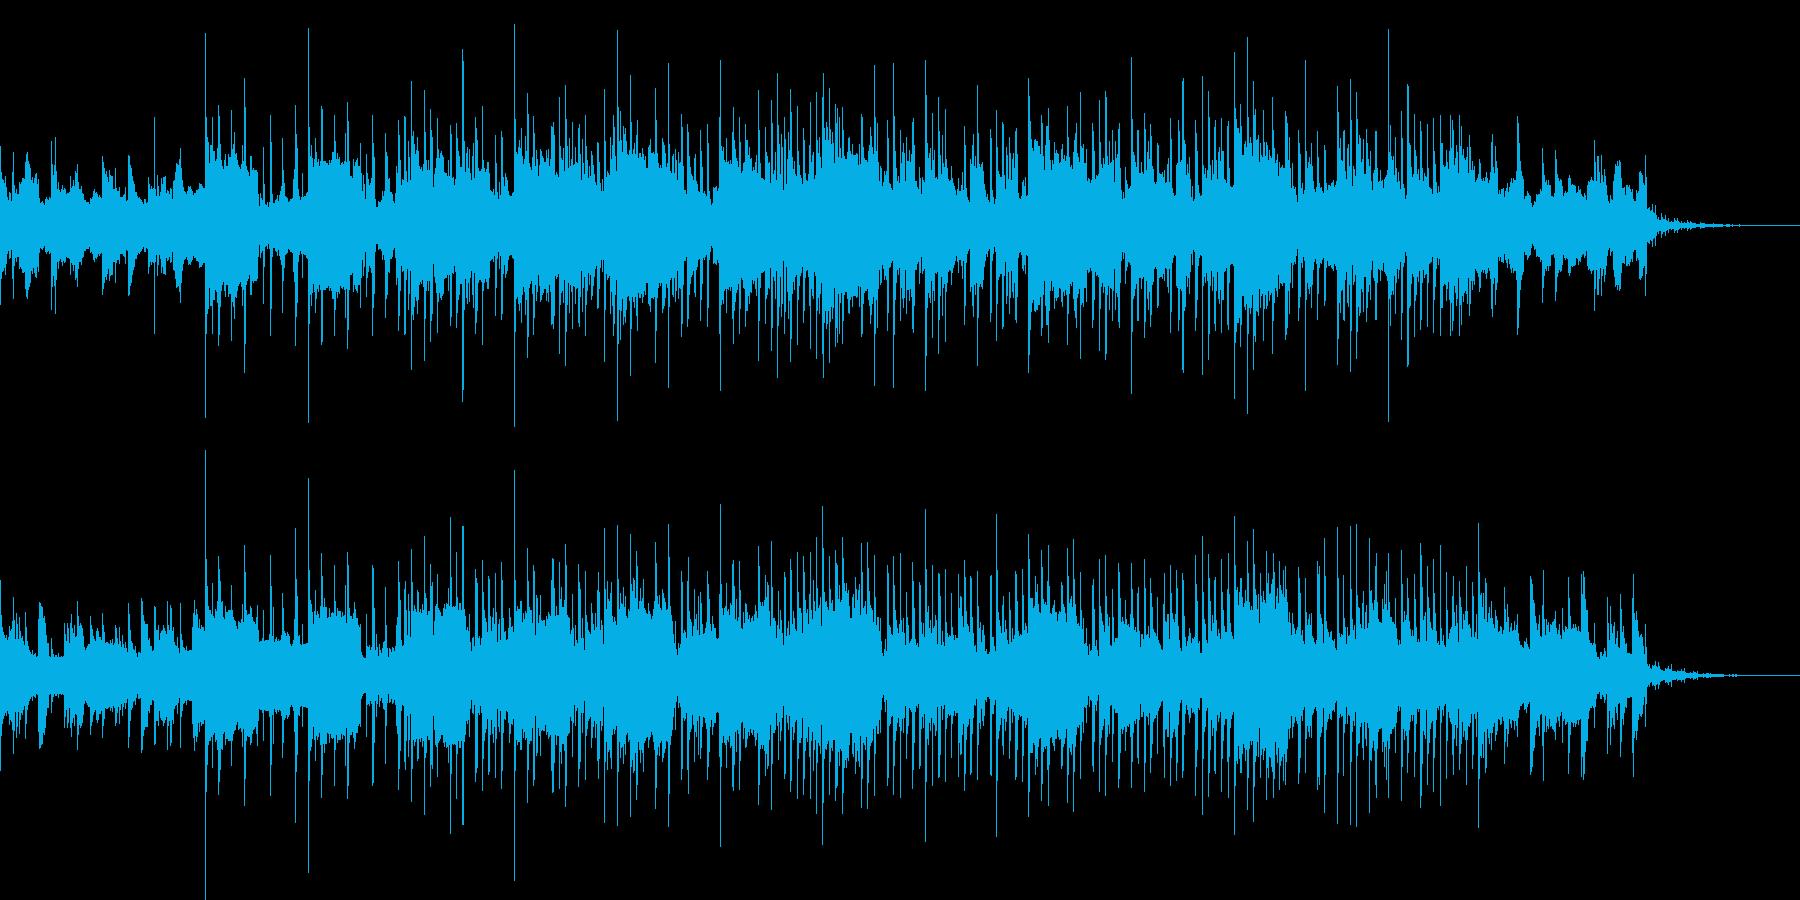 近未来の東京をイメージする曲の再生済みの波形